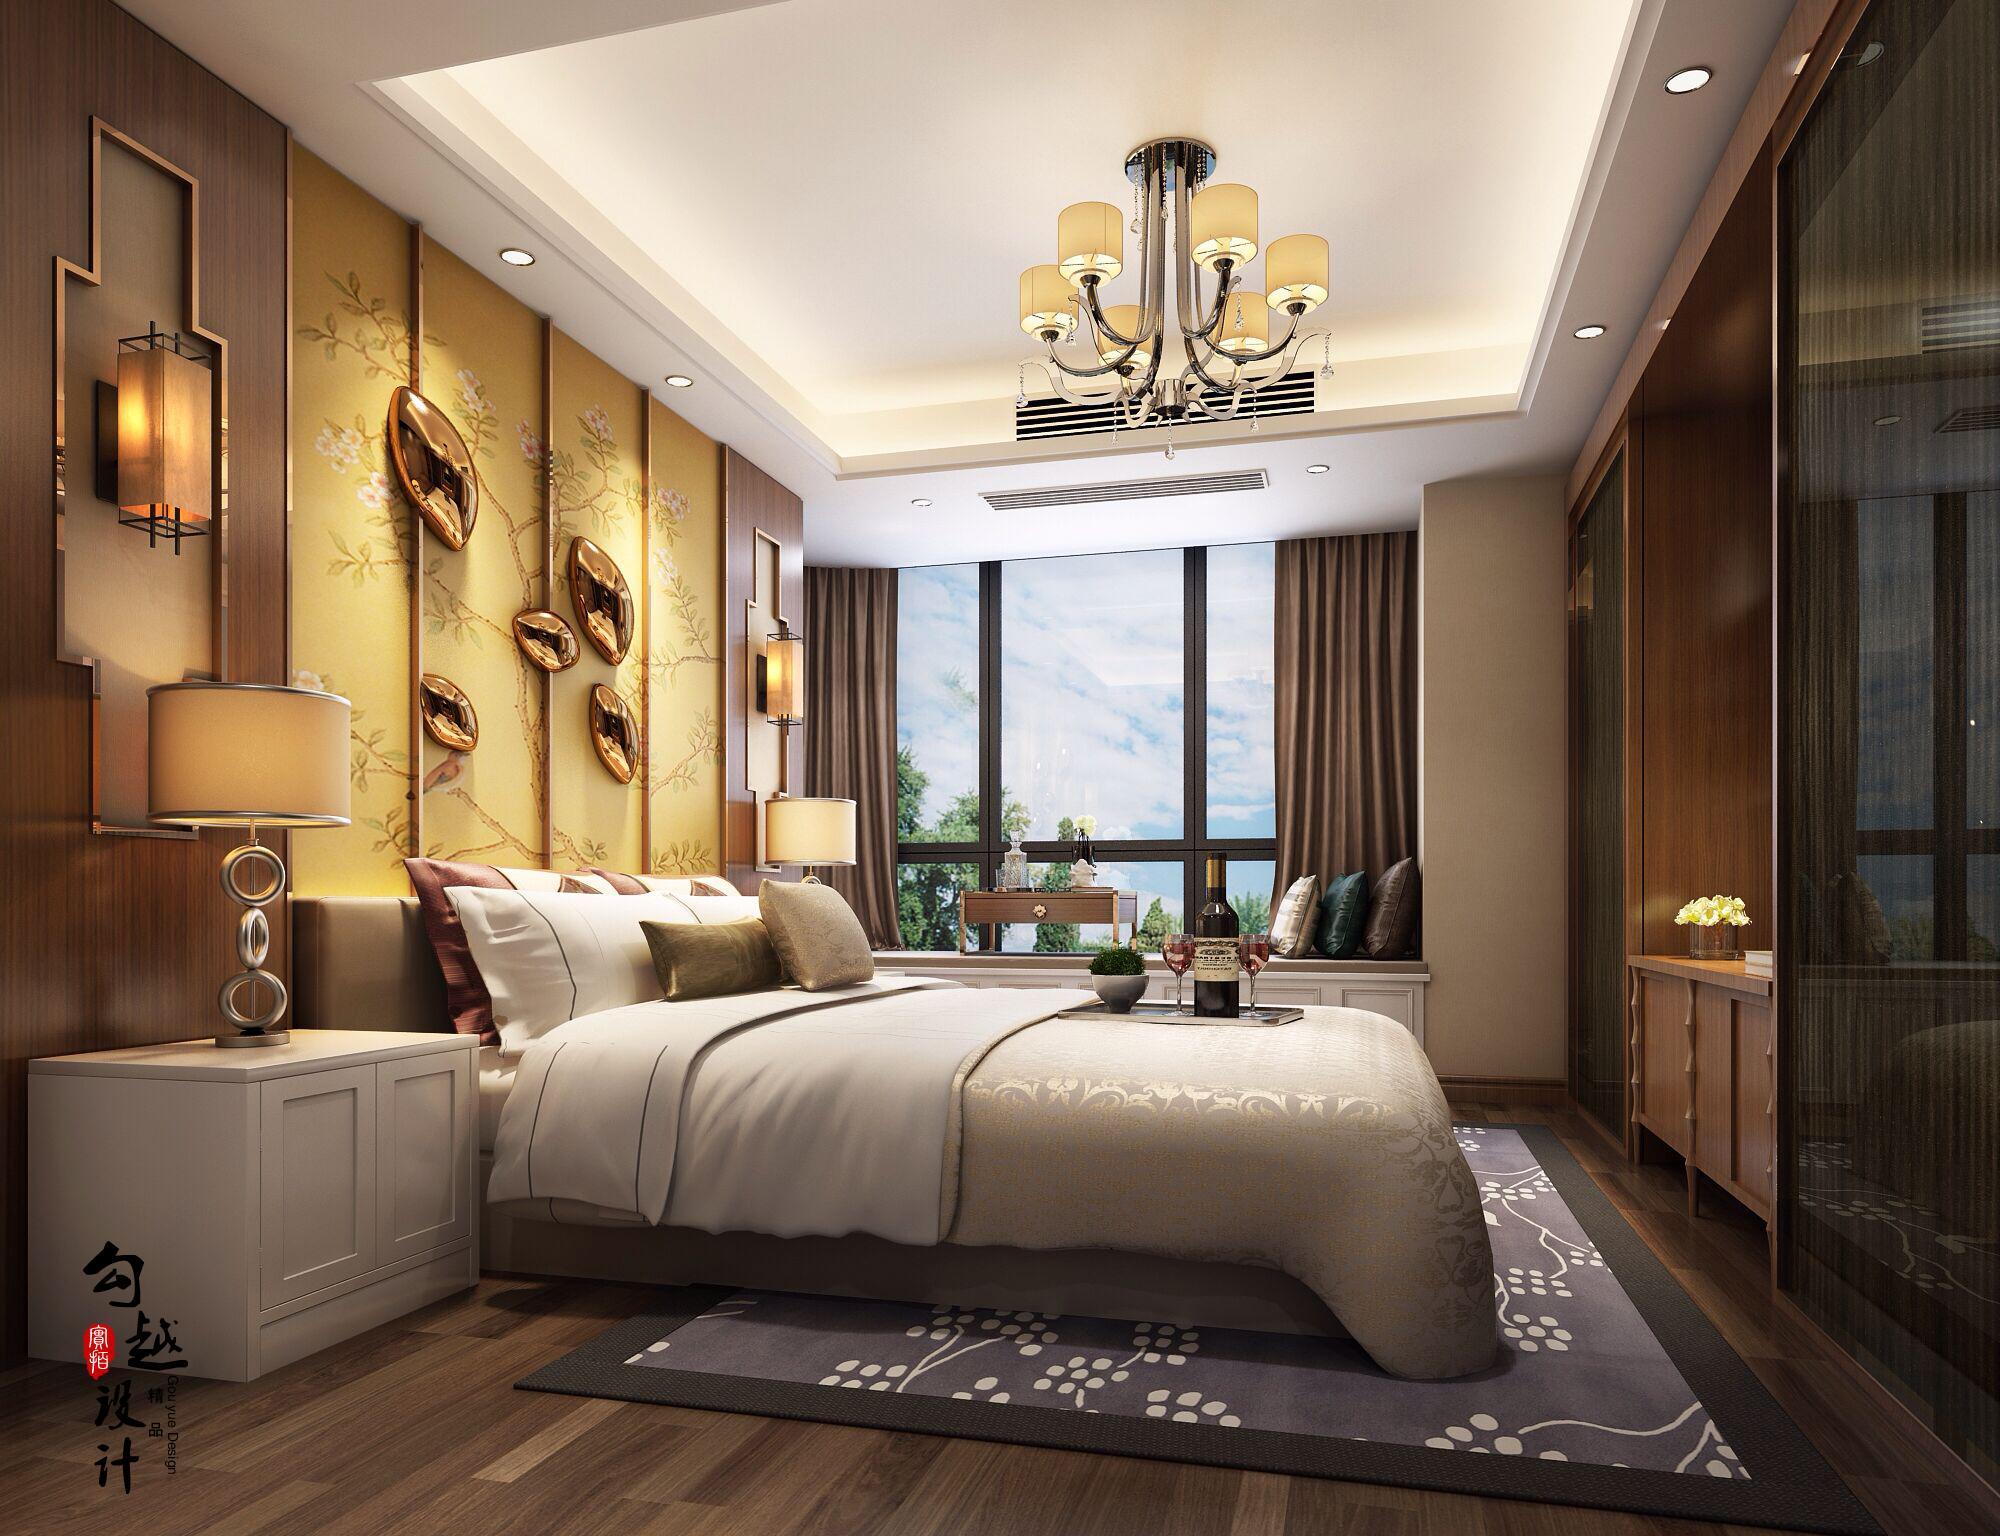 新中式 装修之家装修 效果 图